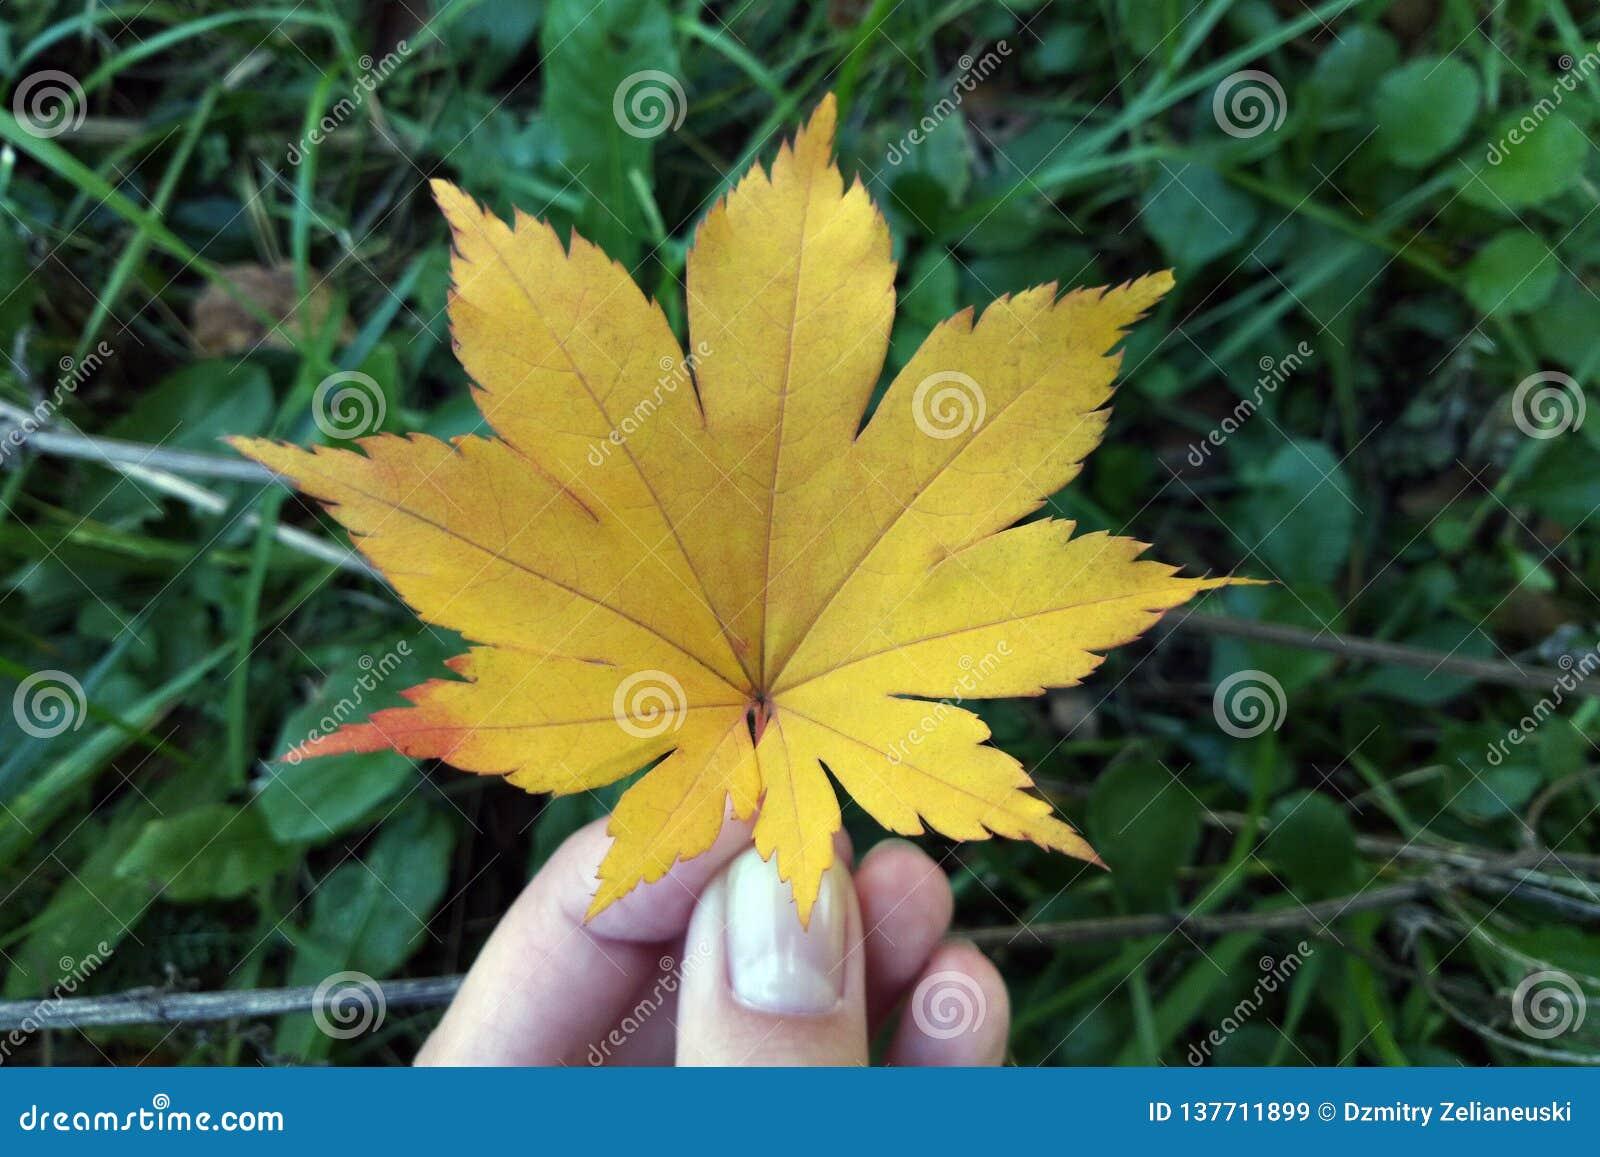 Dziewczyna trzyma liść klonowego na tle zielona trawa